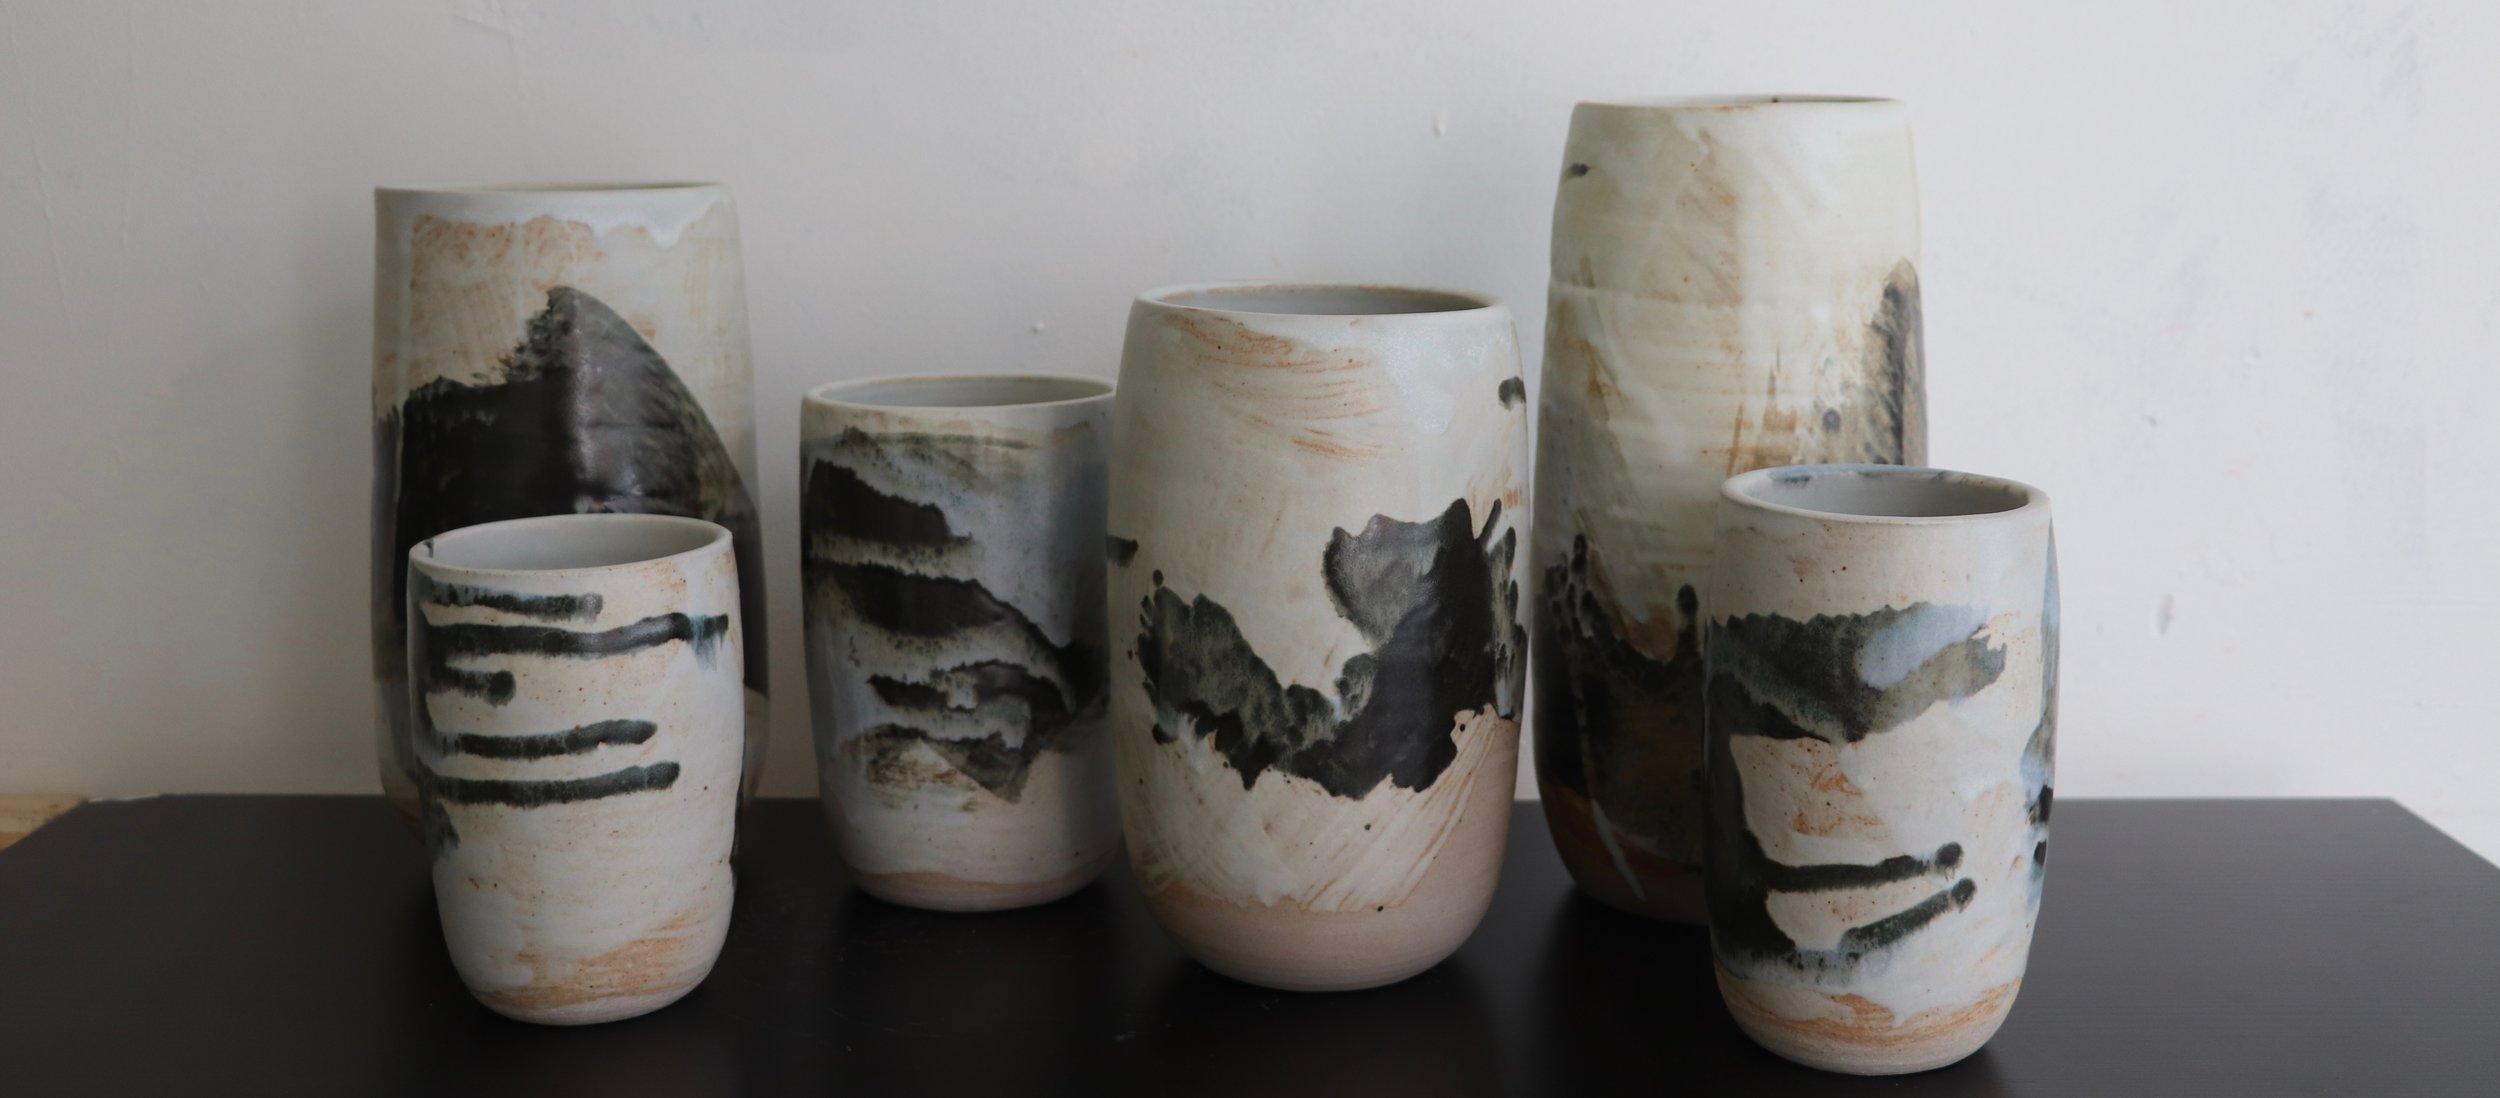 blackandwhite-vases.jpg